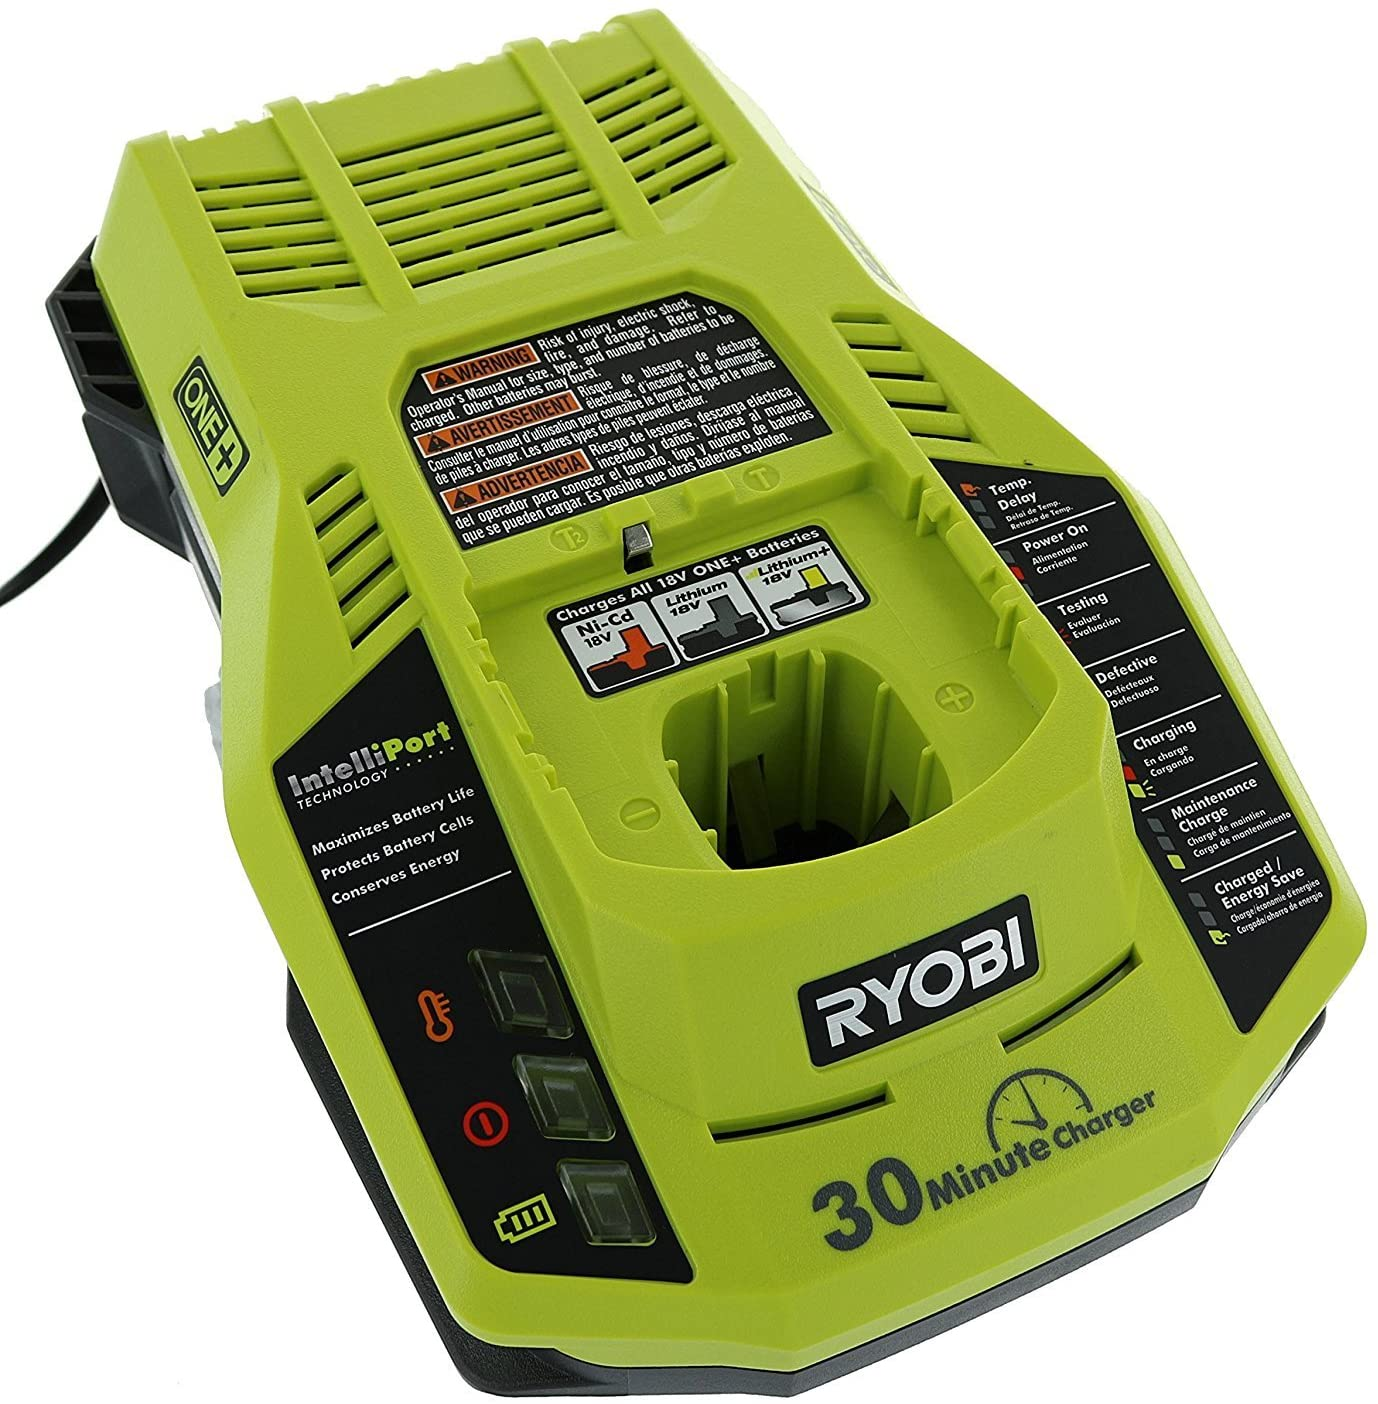 Ryobi P884 18V ONE+ charging station